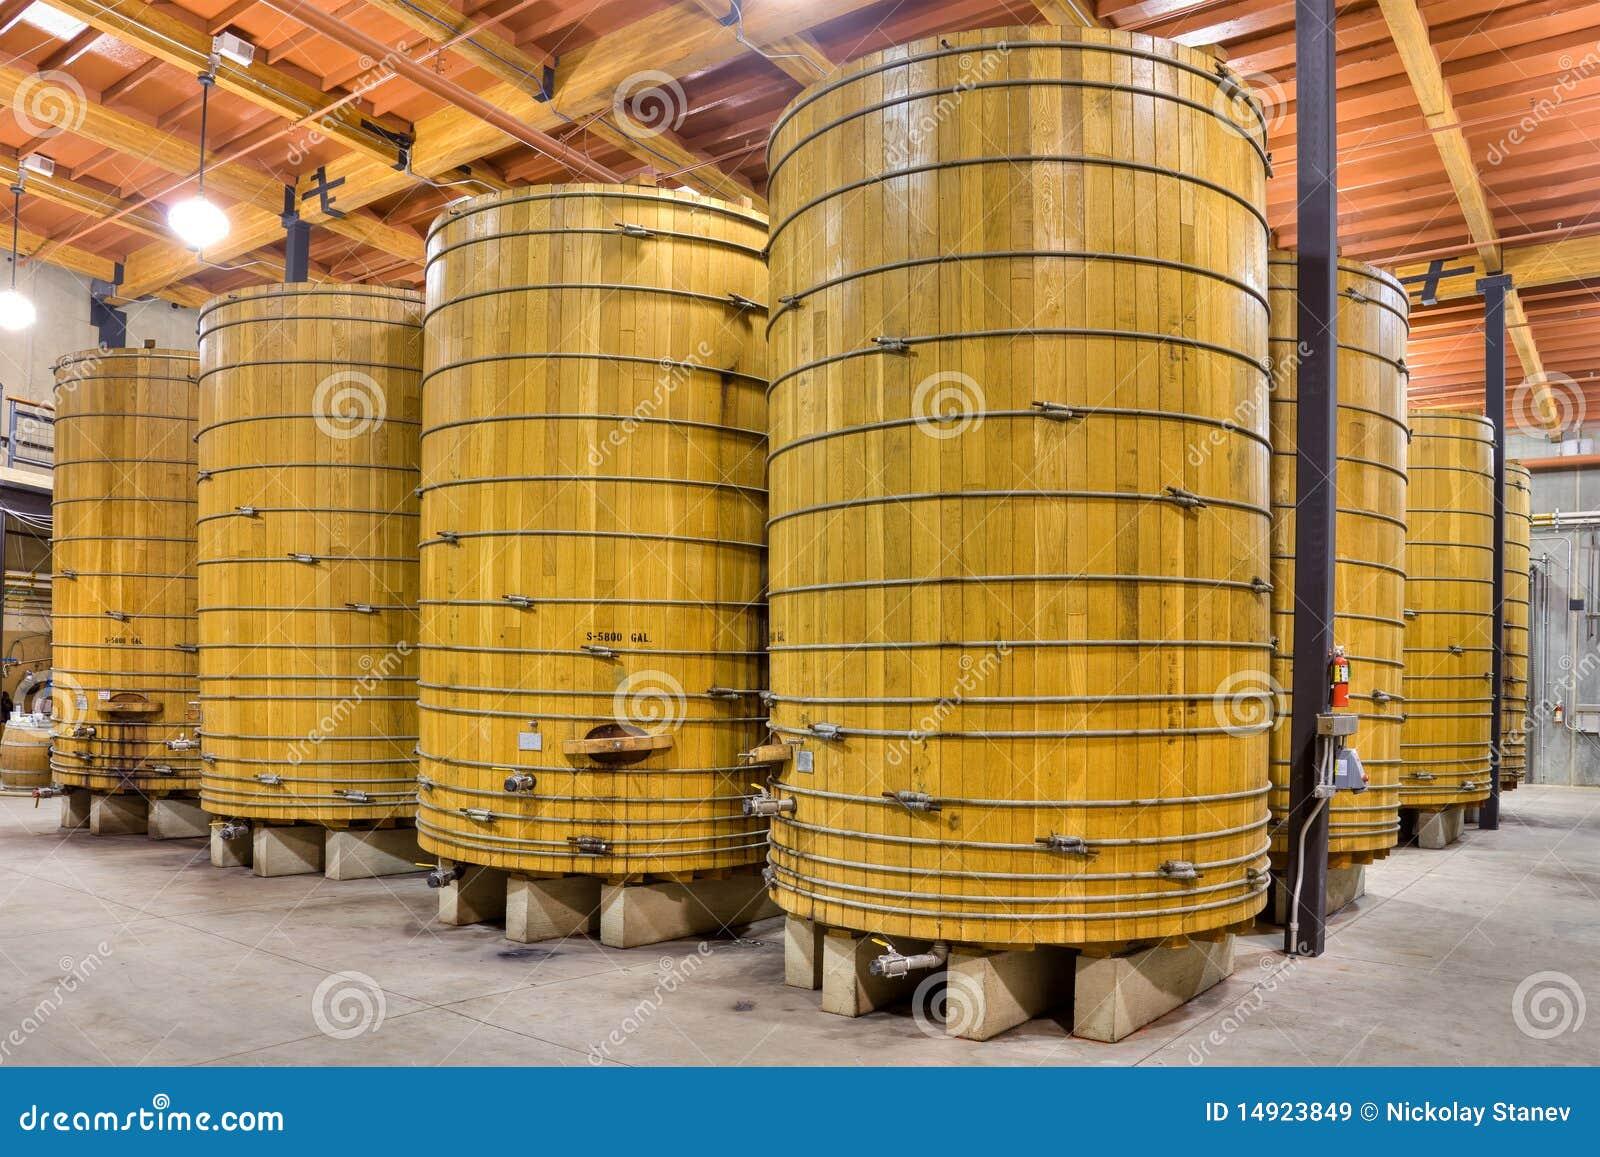 Barriles de vino grandes